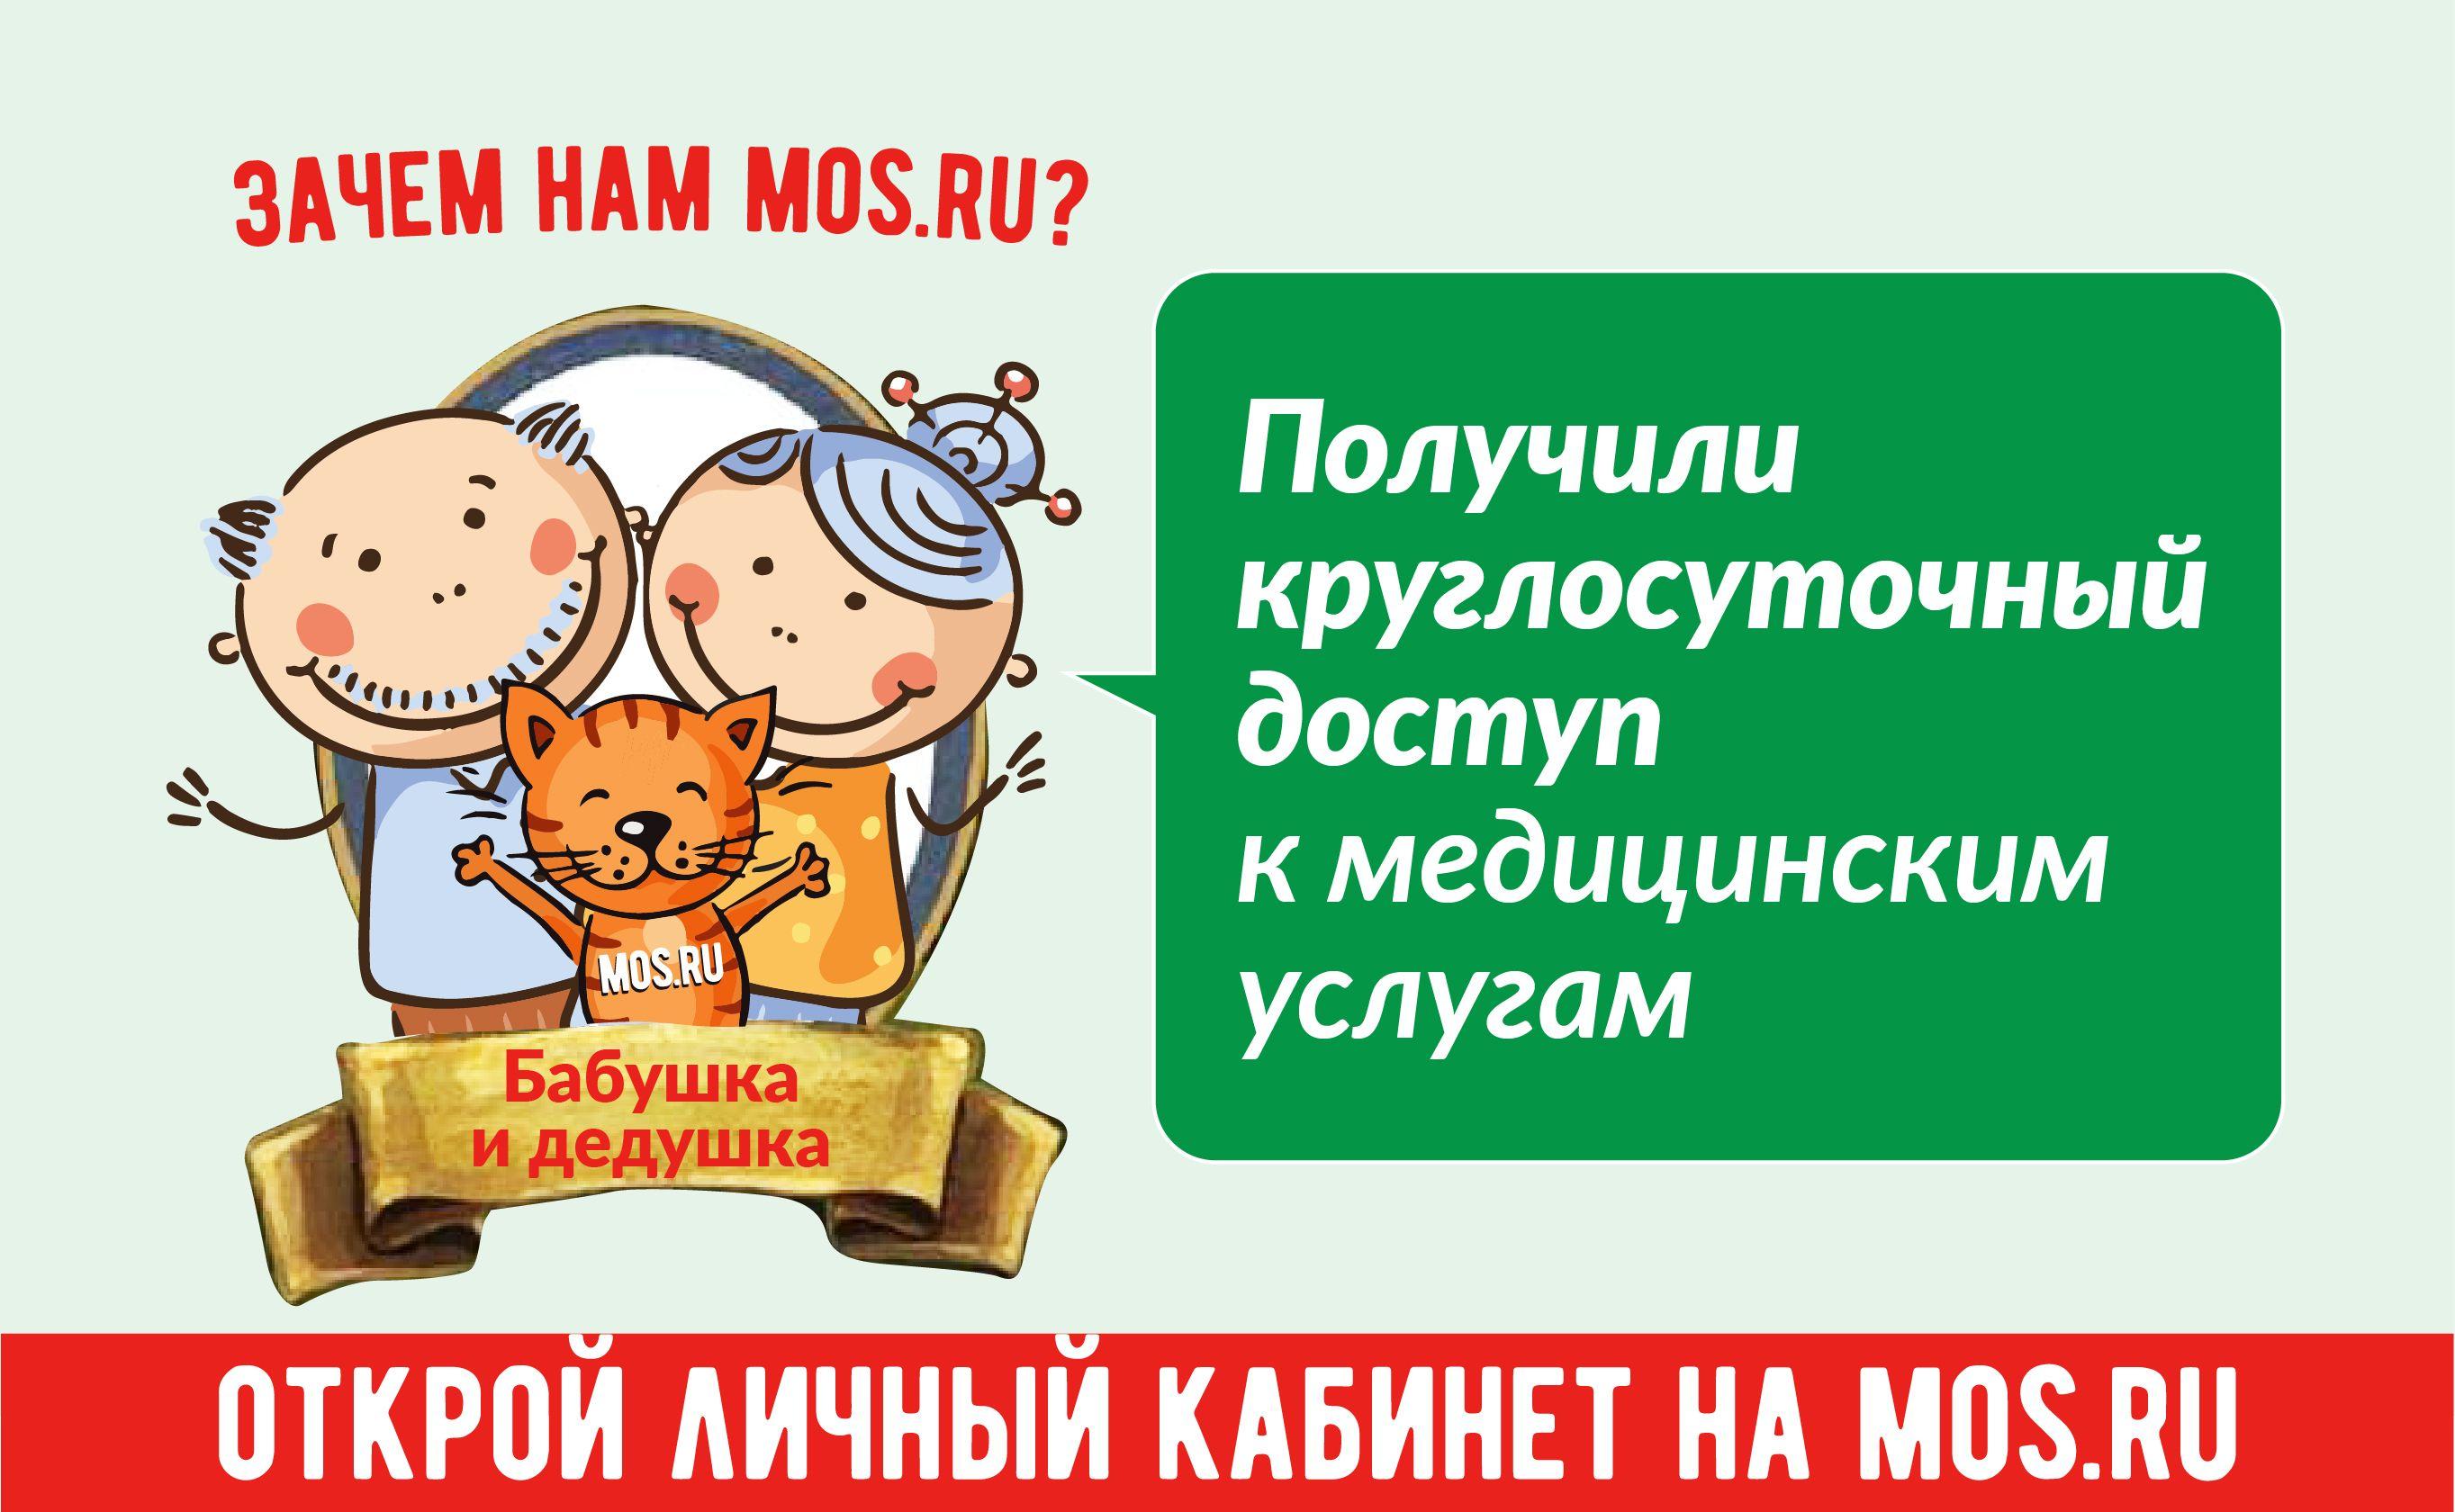 Записаться на прием к ветеринару или вызвать врача на дом можно с помощью портала mos.ru